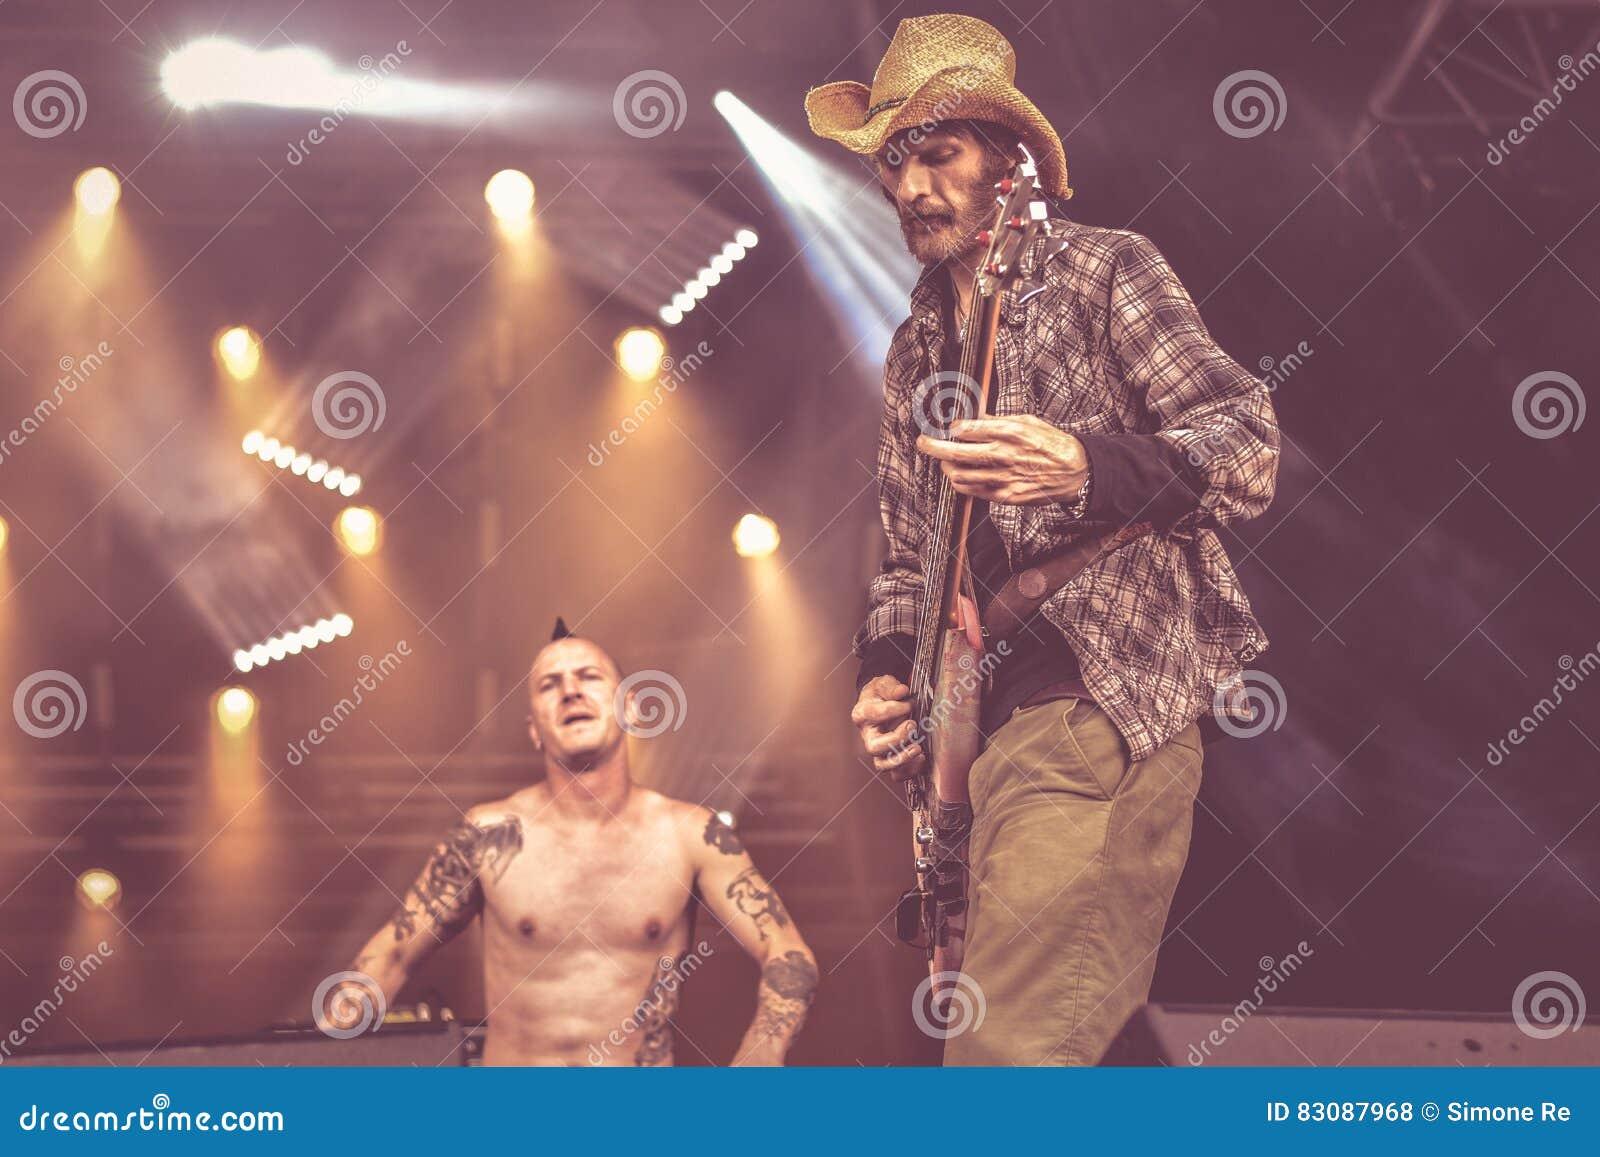 Ζωντανή συναυλία 2016 ζωνών απαλλαγής πανκ σκληροπυρηνική